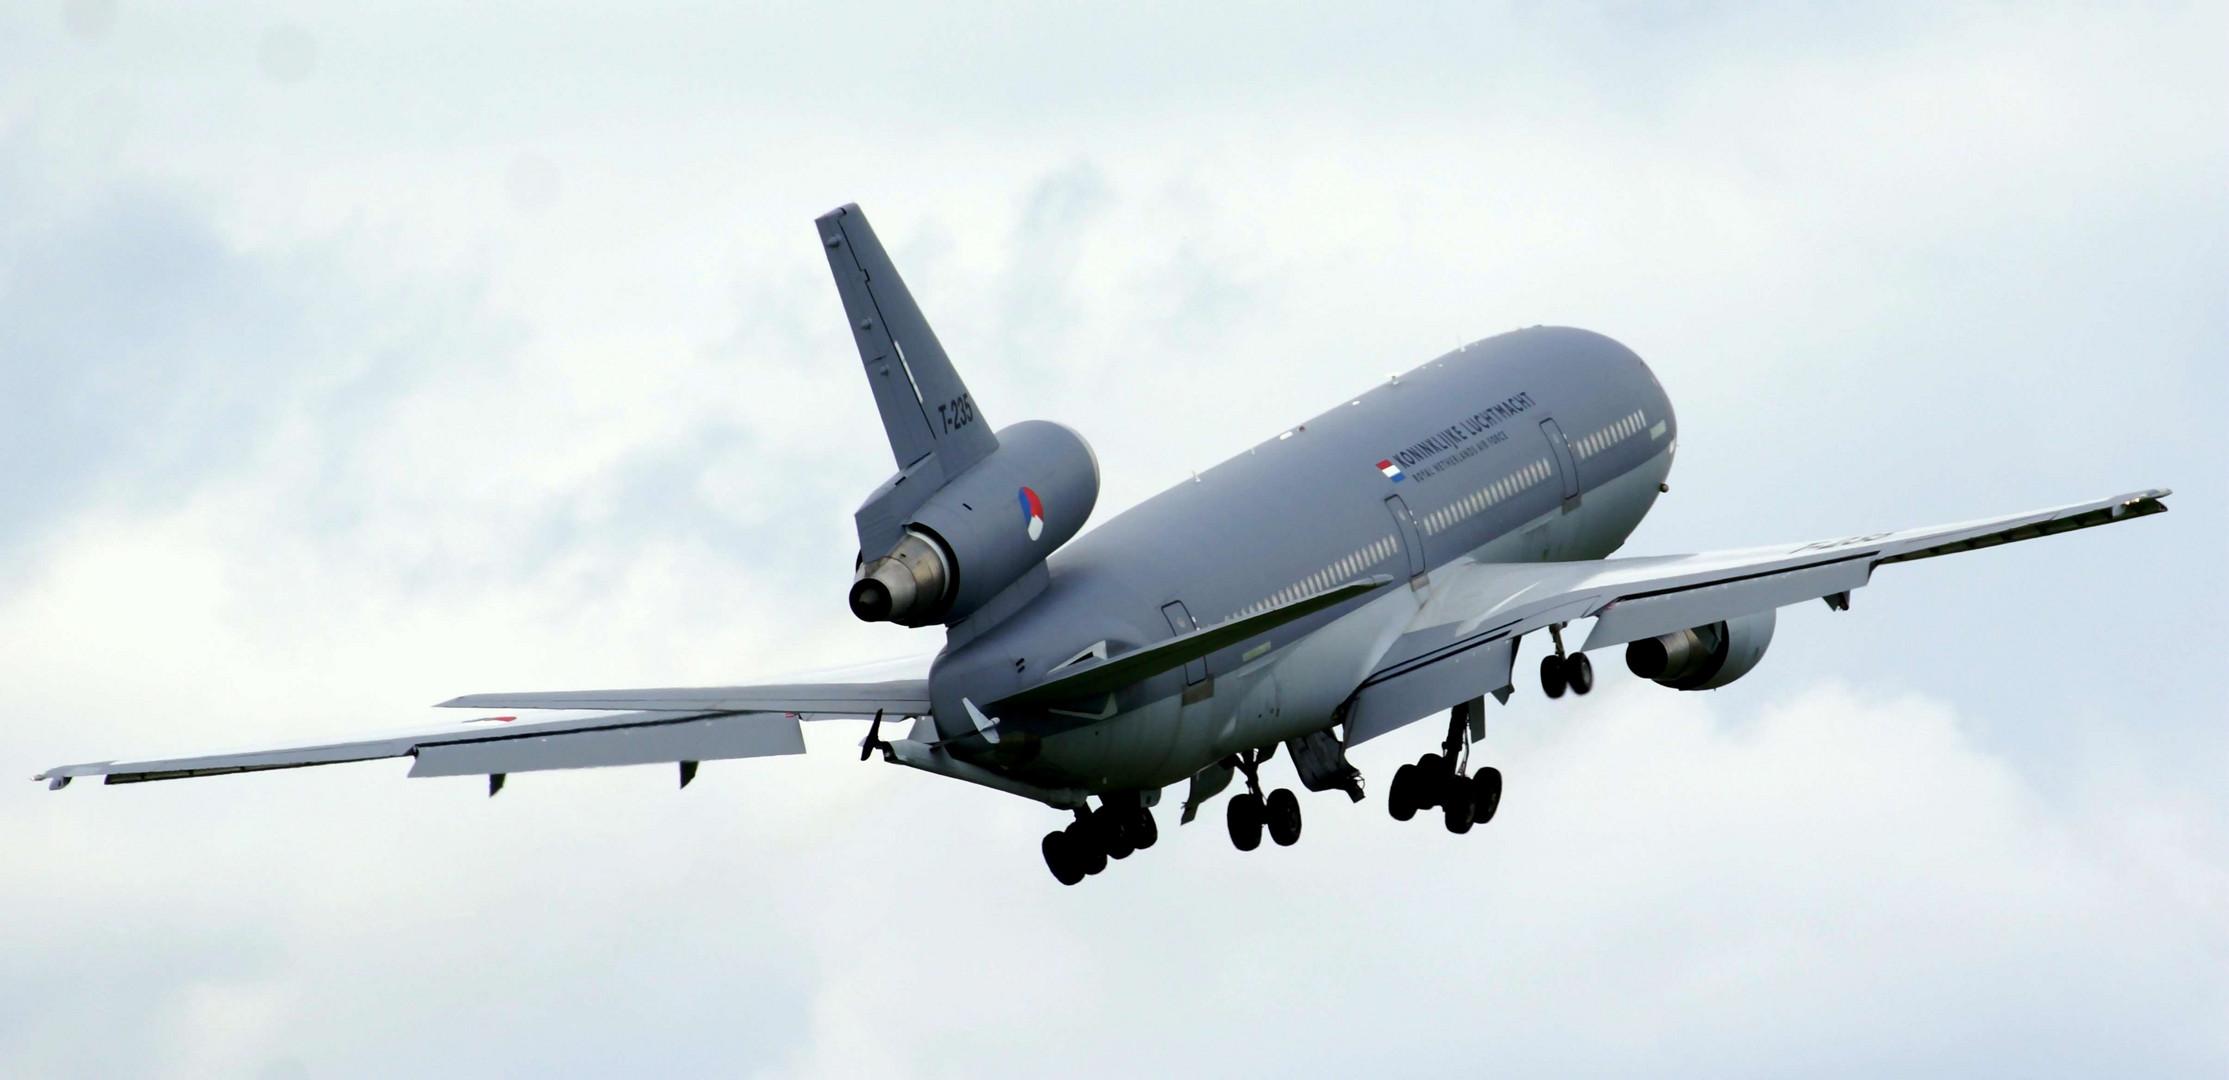 Airpower 2013 - Zeltweg/Austria - 29.06.2013 (7)